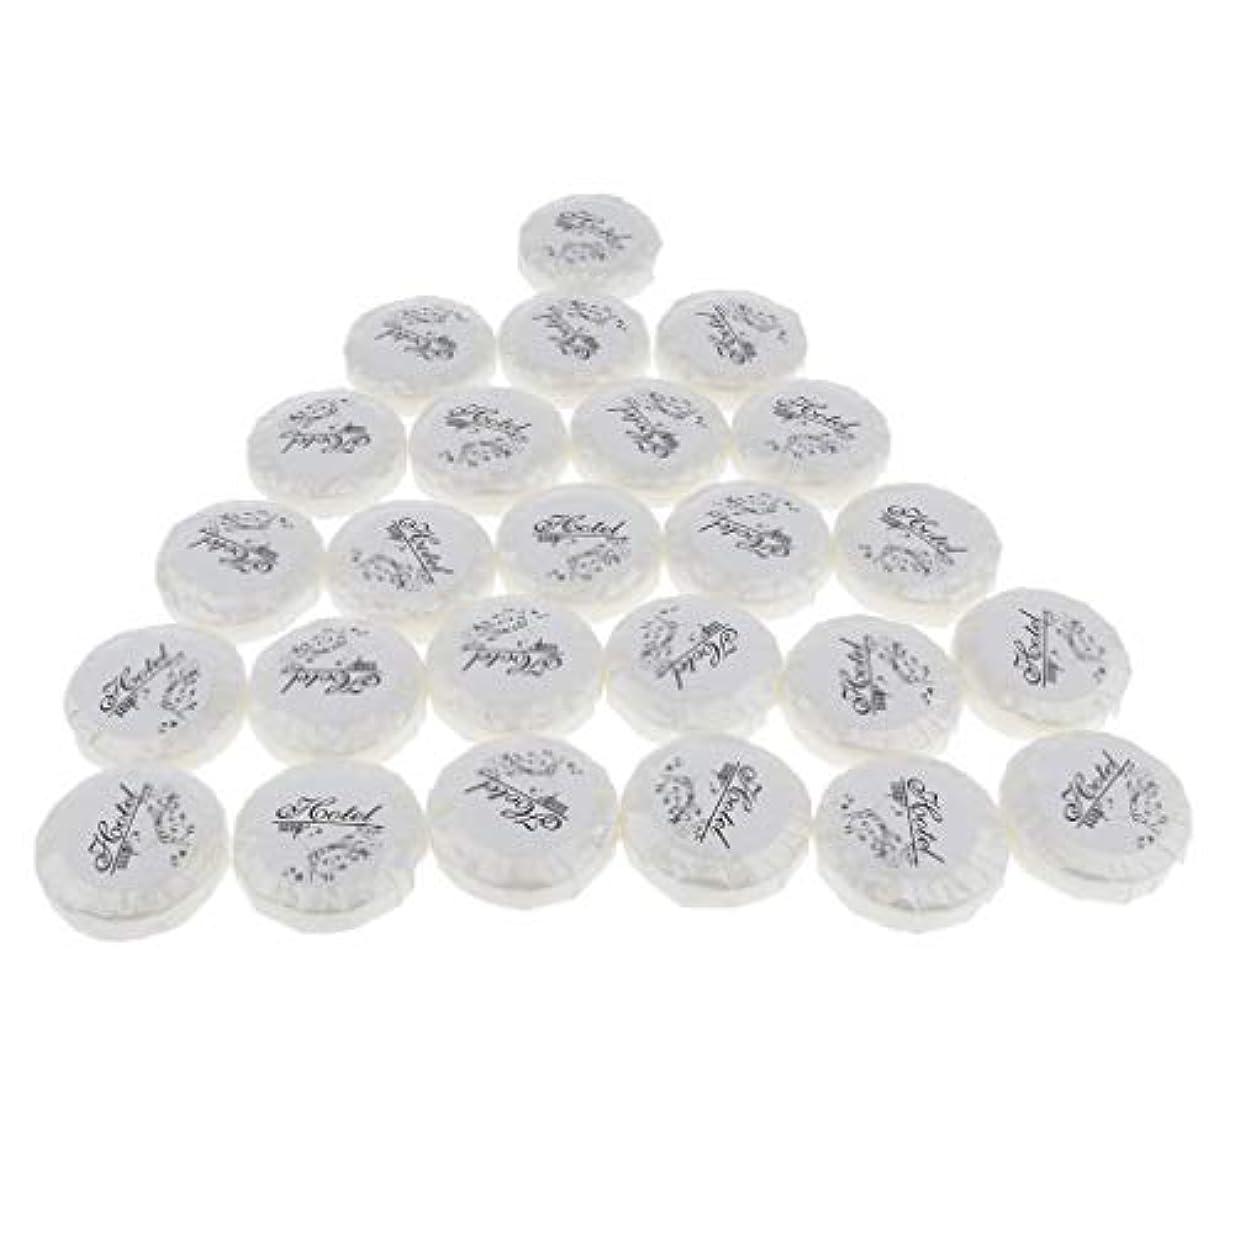 レディ熟すレディPerfeclan 約150個 ポータブル ミニソープ ホテル 旅行 洗顔 固形せっけん バス用品 使い捨て 3種選ぶ - 11g